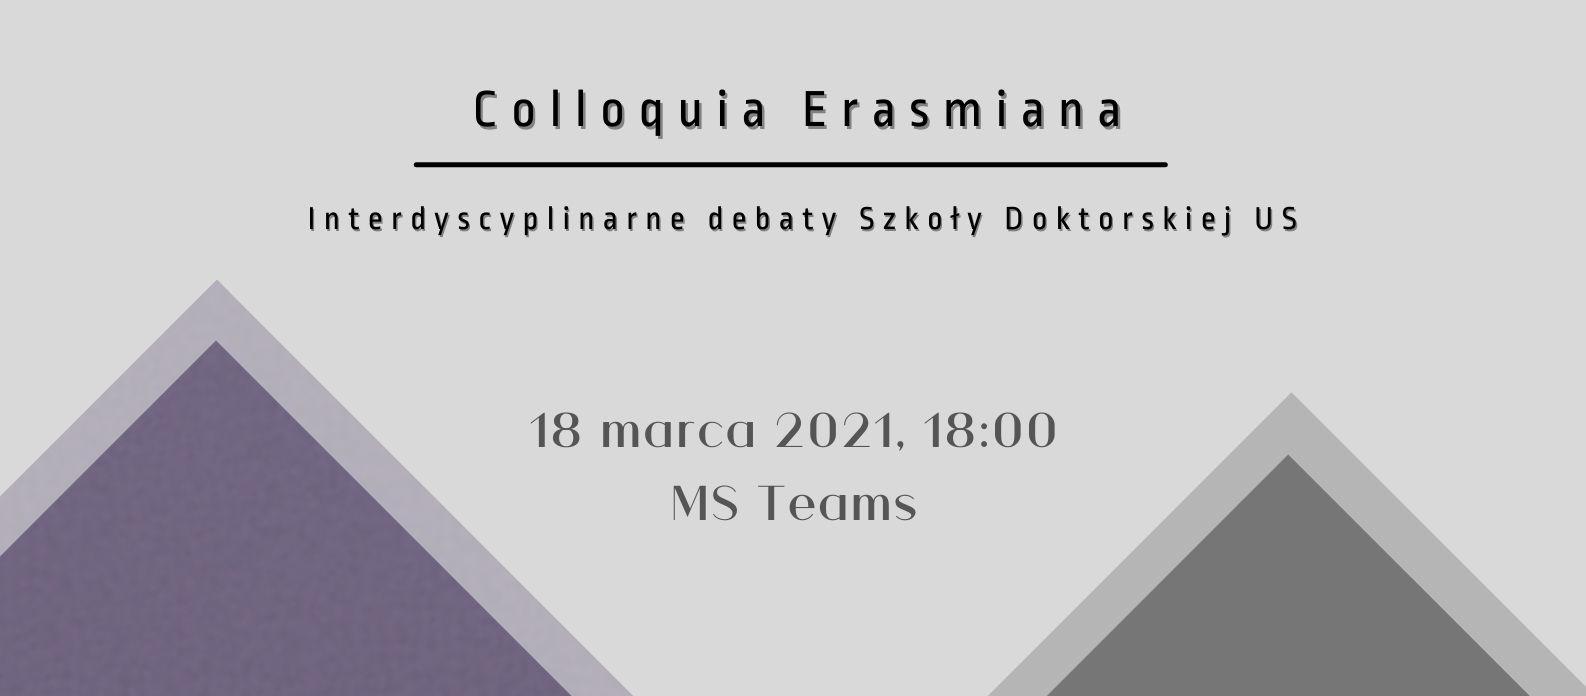 Inauguracja cyklu Colloquia Erasmiana (pamięci prof. dra hab. Erazma Kuźmy)  – interdyscyplinarnych spotkań dla doktorantów Uniwersytetu Szczecińskiego